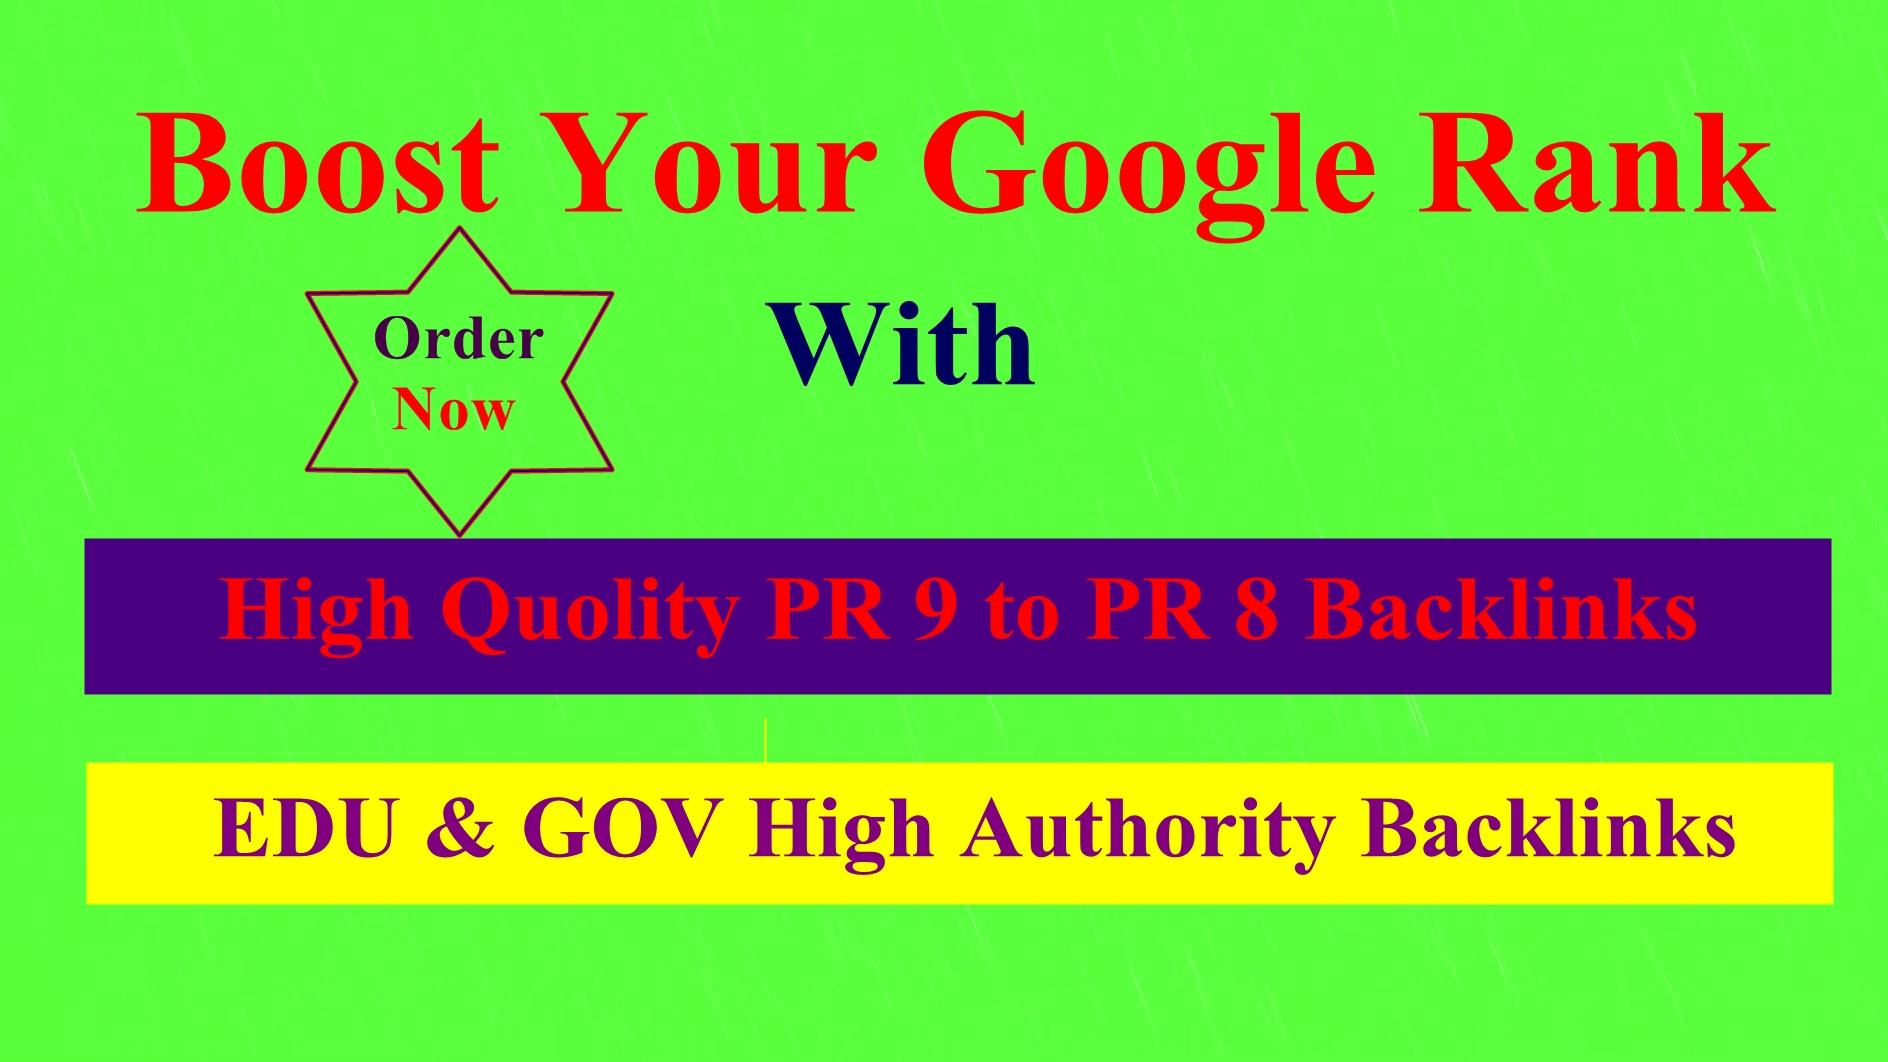 20 PR9 to PR 7 + 20 EDUGOV high quality backlinks